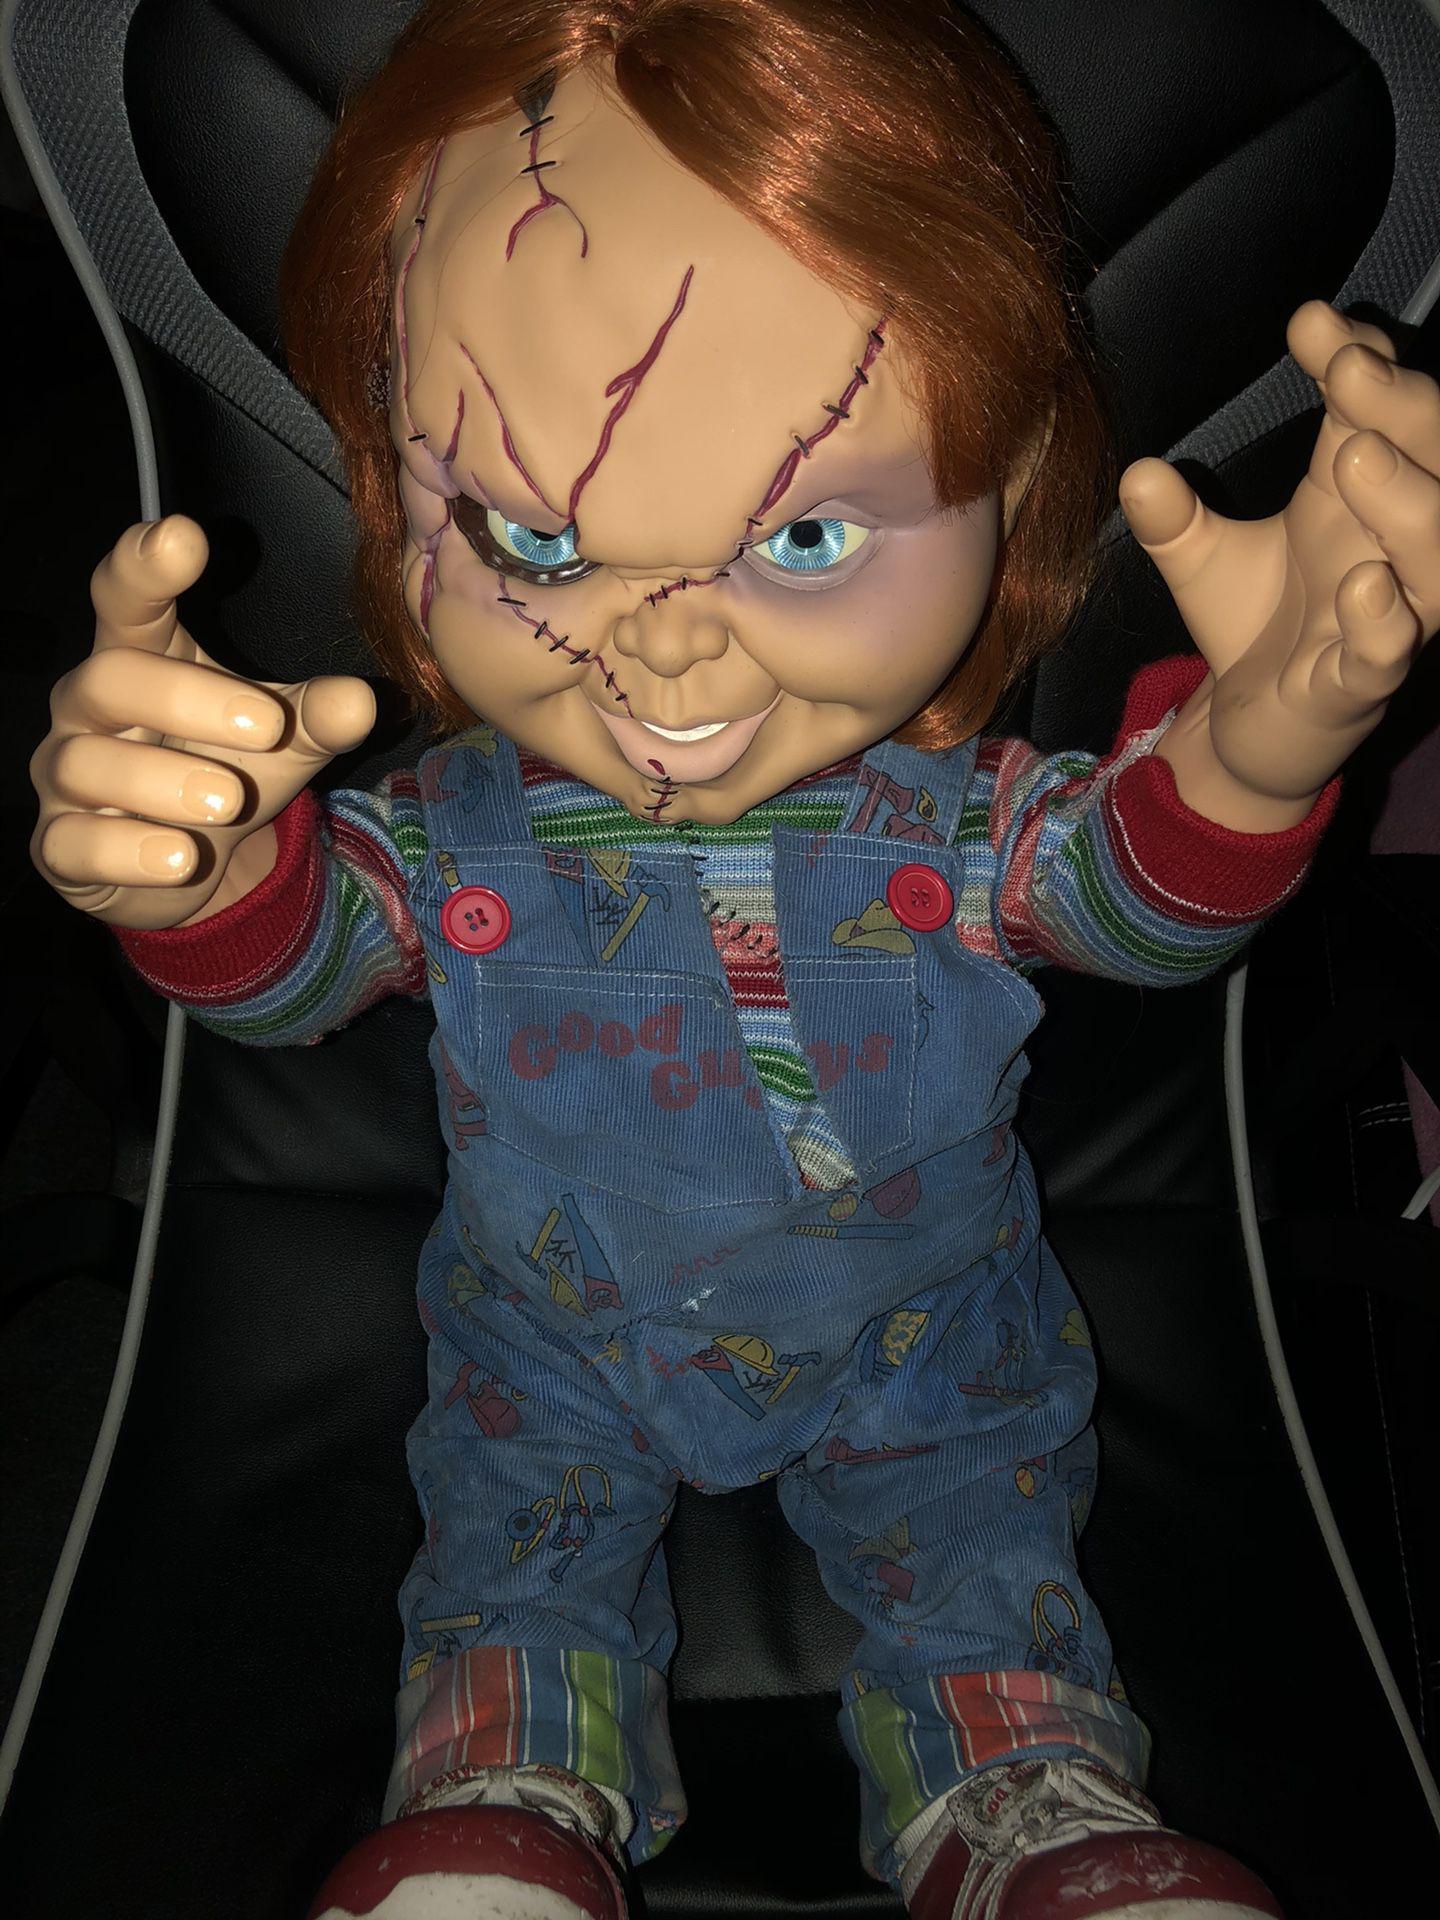 Dream Rush Bride Of Chucky